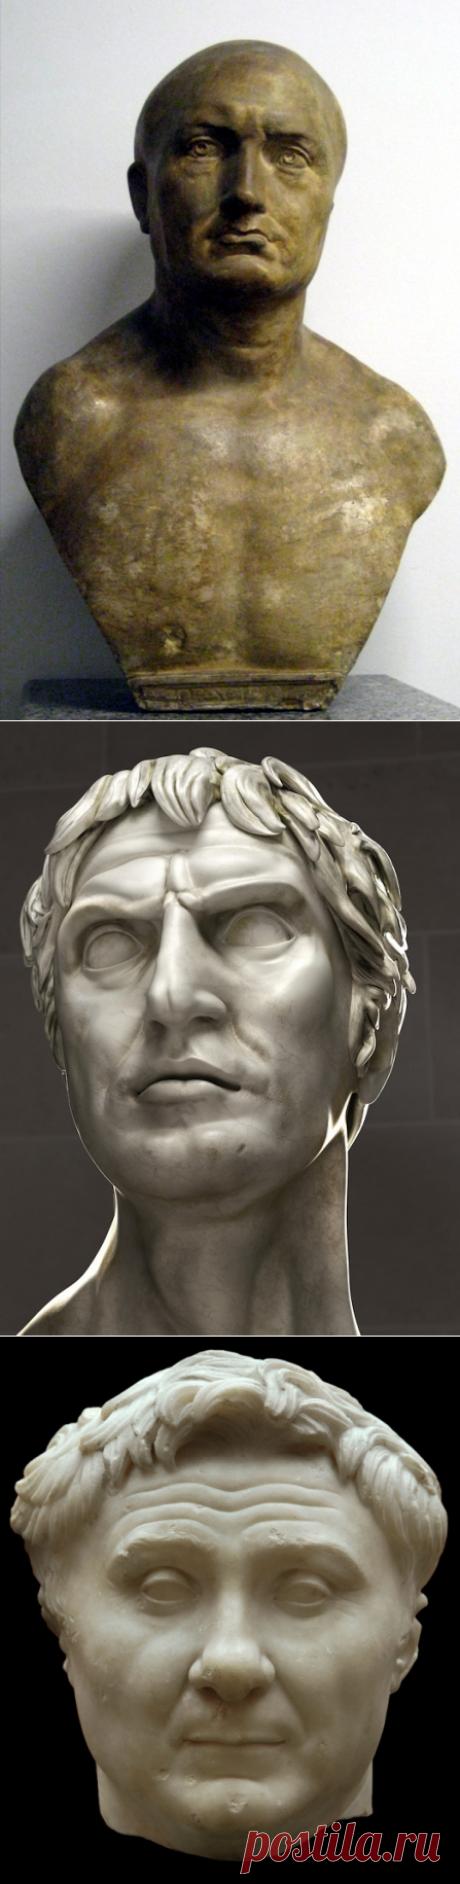 19 величайших полководцев Древнего мира. (Рожи честно говоря ещё те. А Юлий не побоюсь этого слова Цезарь чем-то смахивает, боюсь даже произнести, на В.В.)